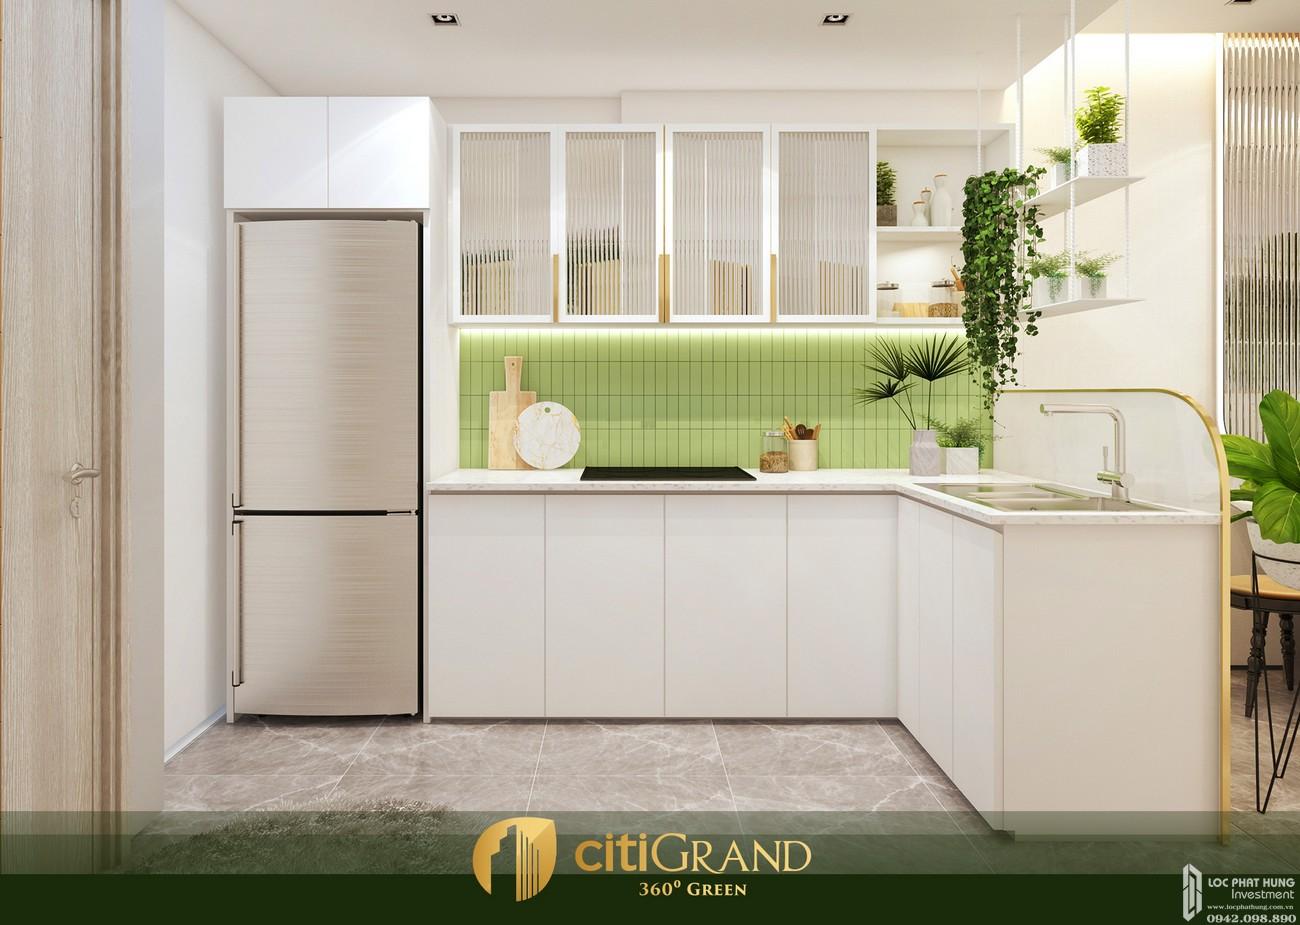 Nhà mẫu dự án căn hộ Citi Grand Quận 2